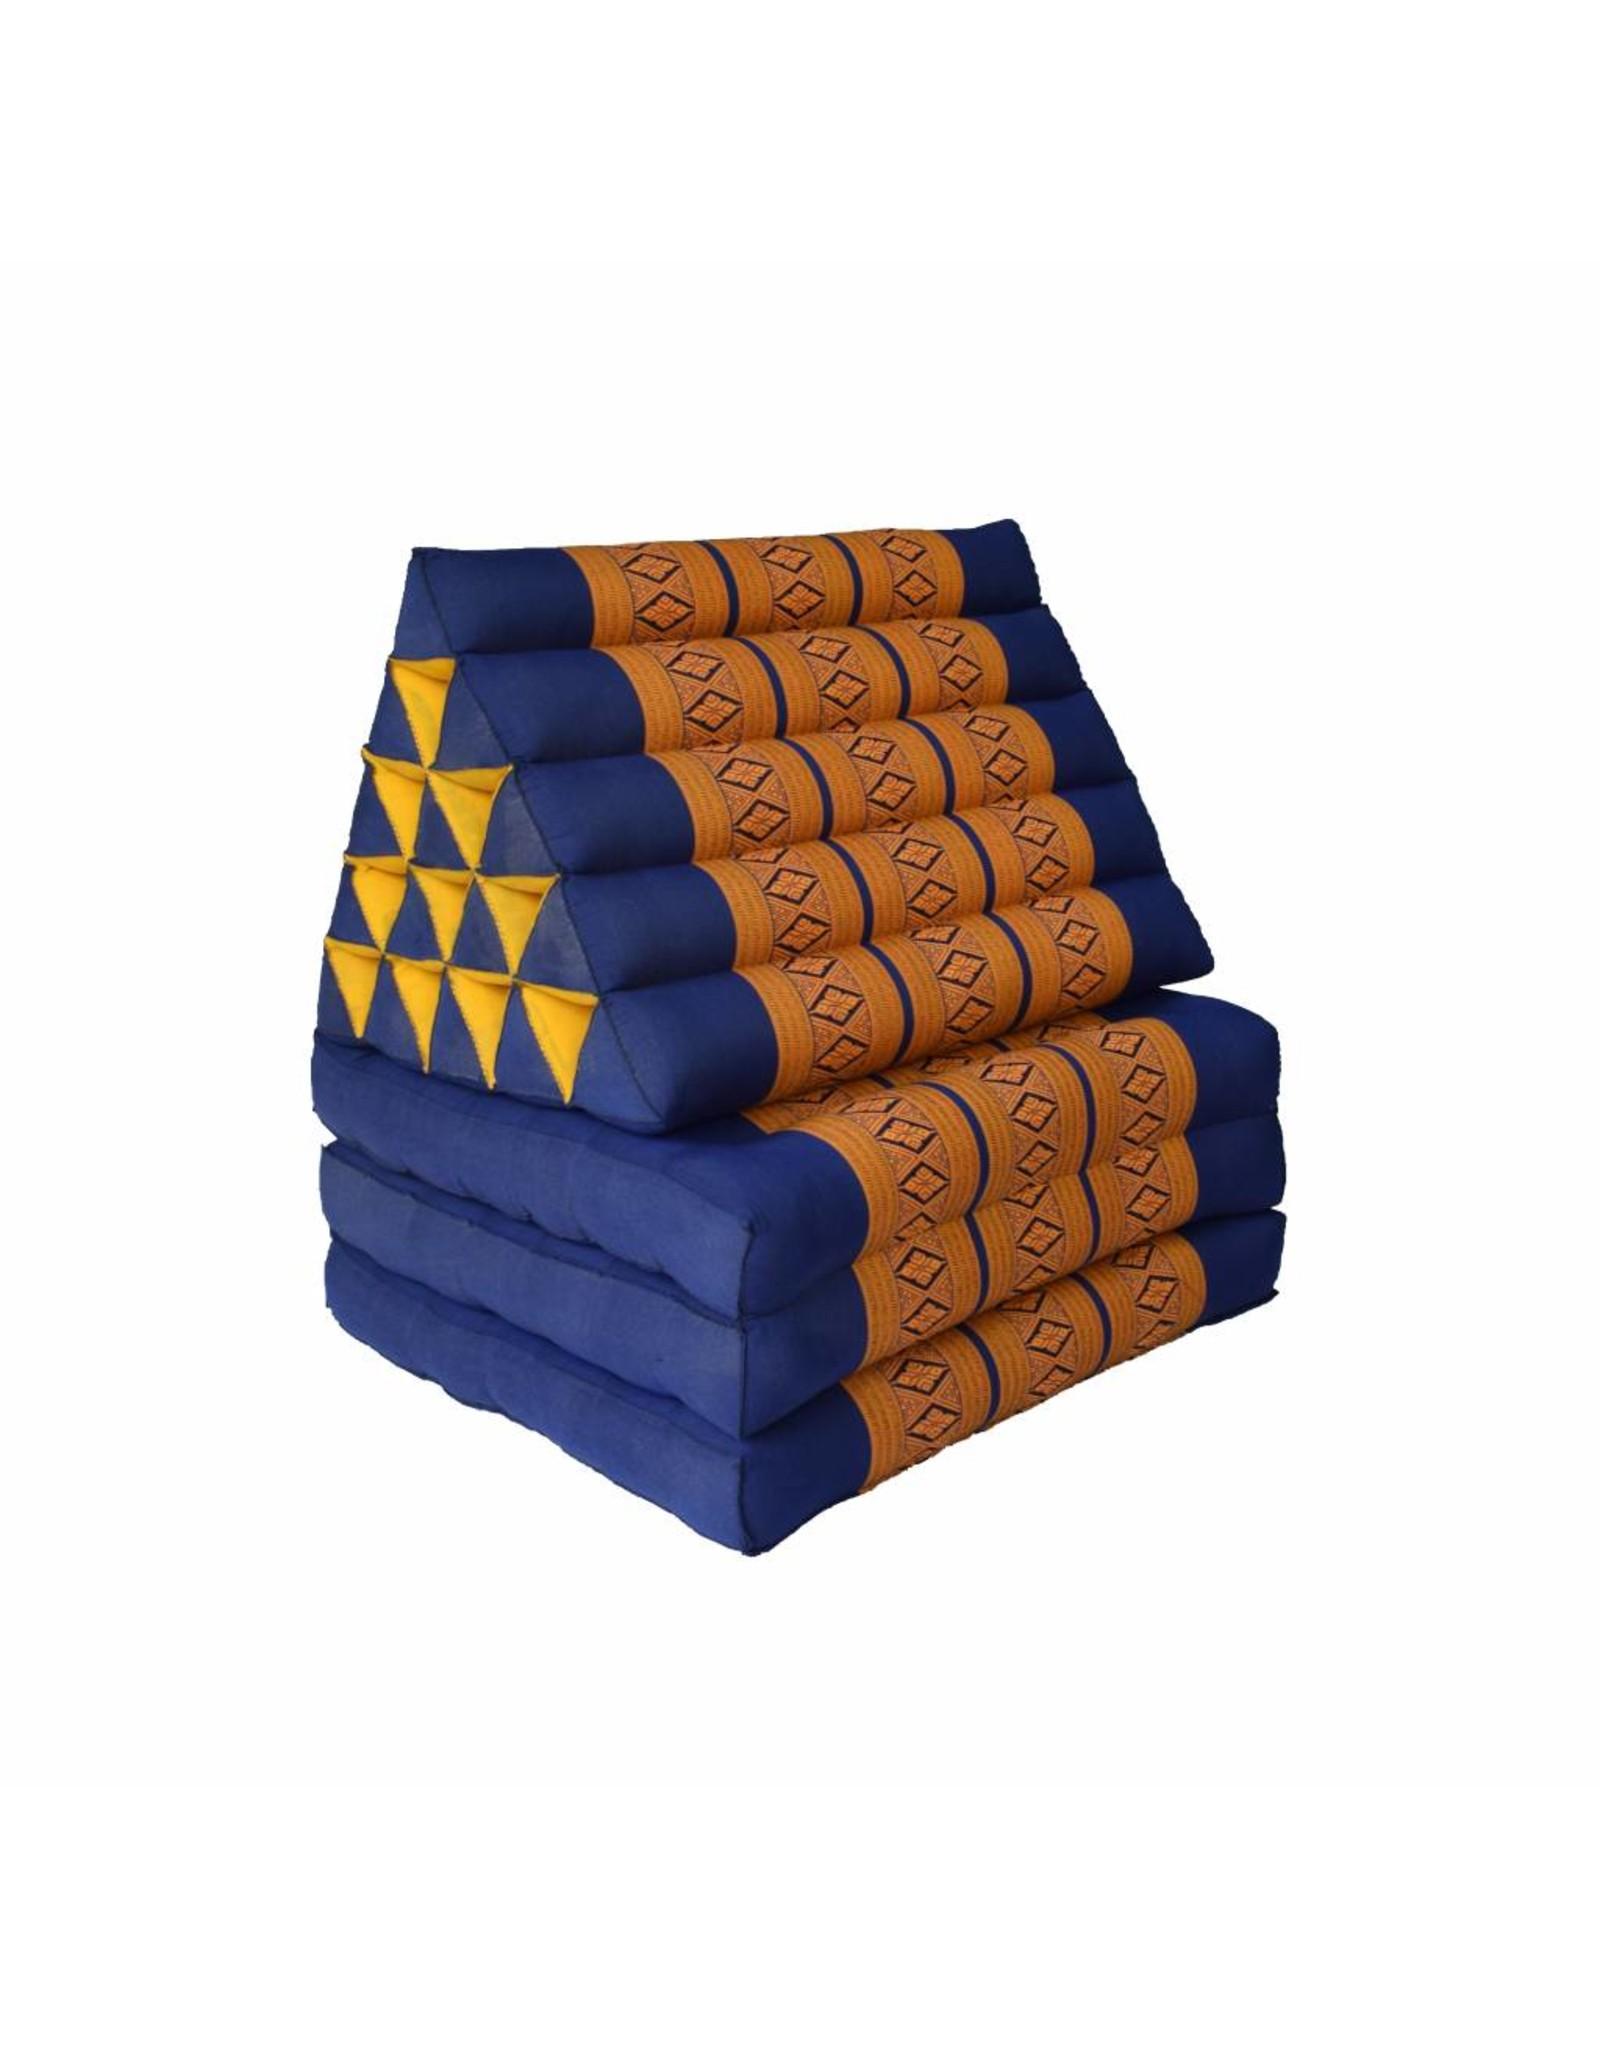 Thai Moonz Thais Vloerkussen en Ligkussen XL 3 Mat Kobaltblauw/Oranje